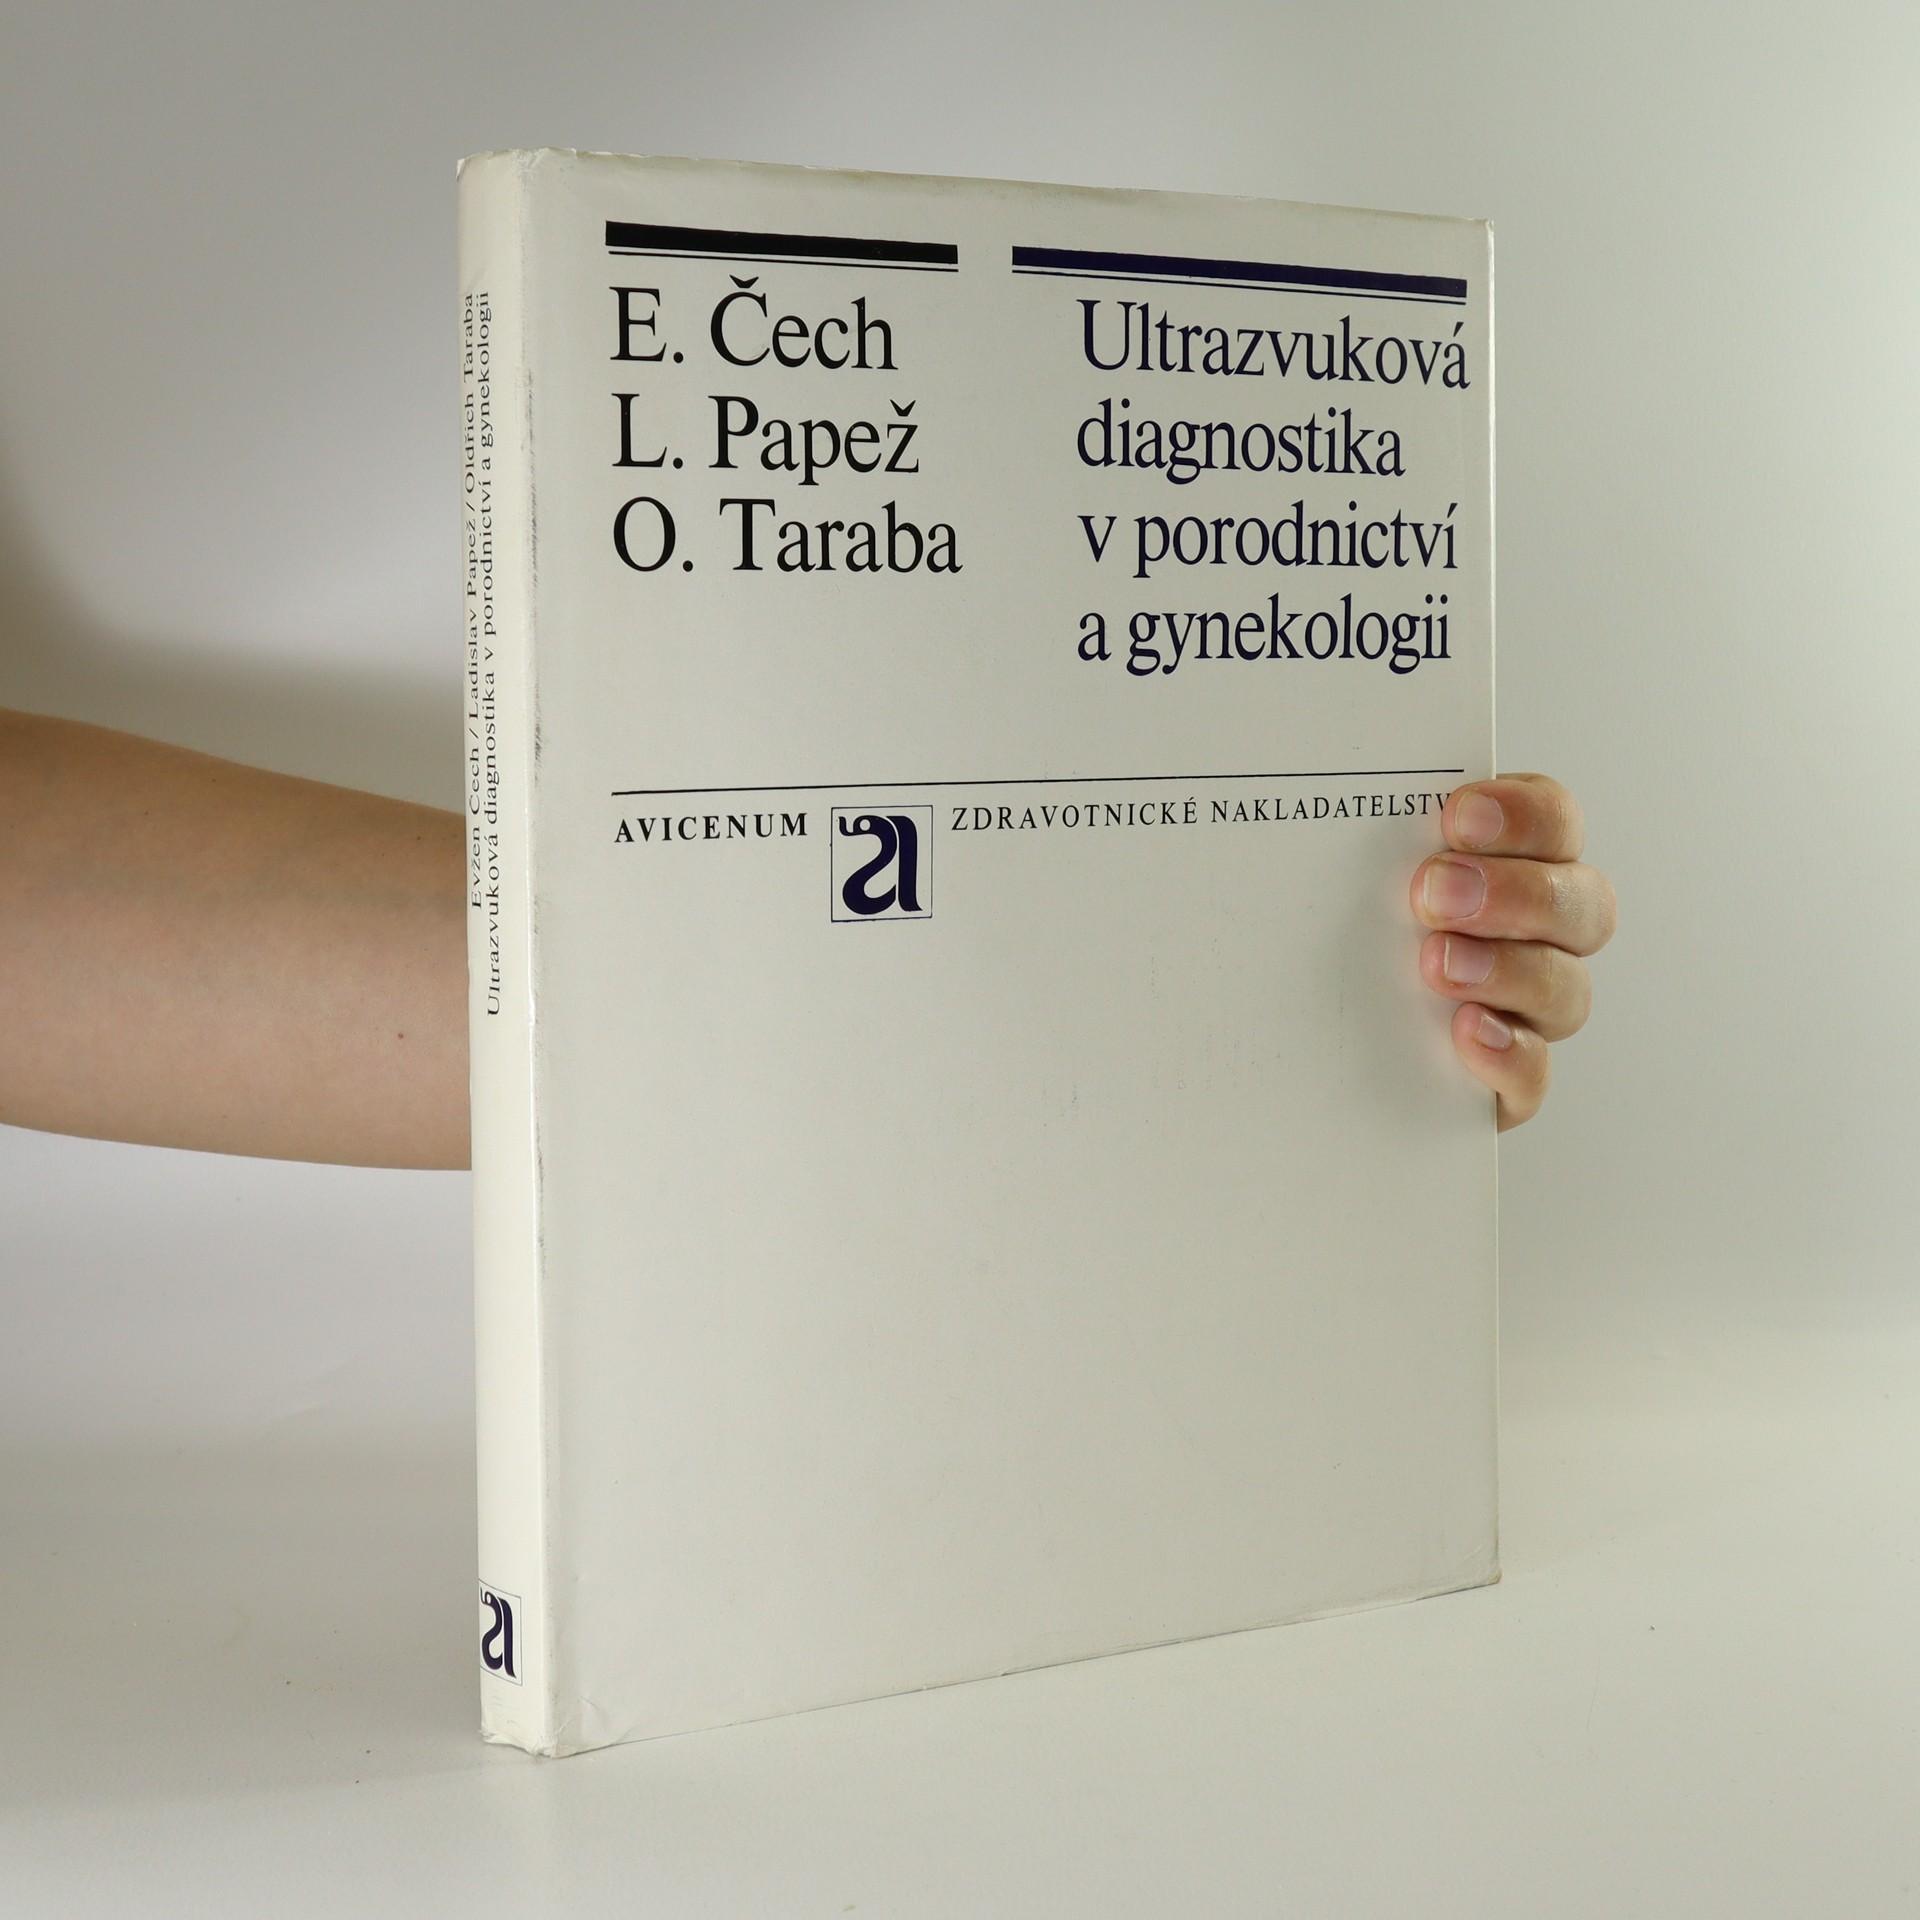 antikvární kniha Ultrazvuková diagnostika v porodnictví a gynekologii, 1974